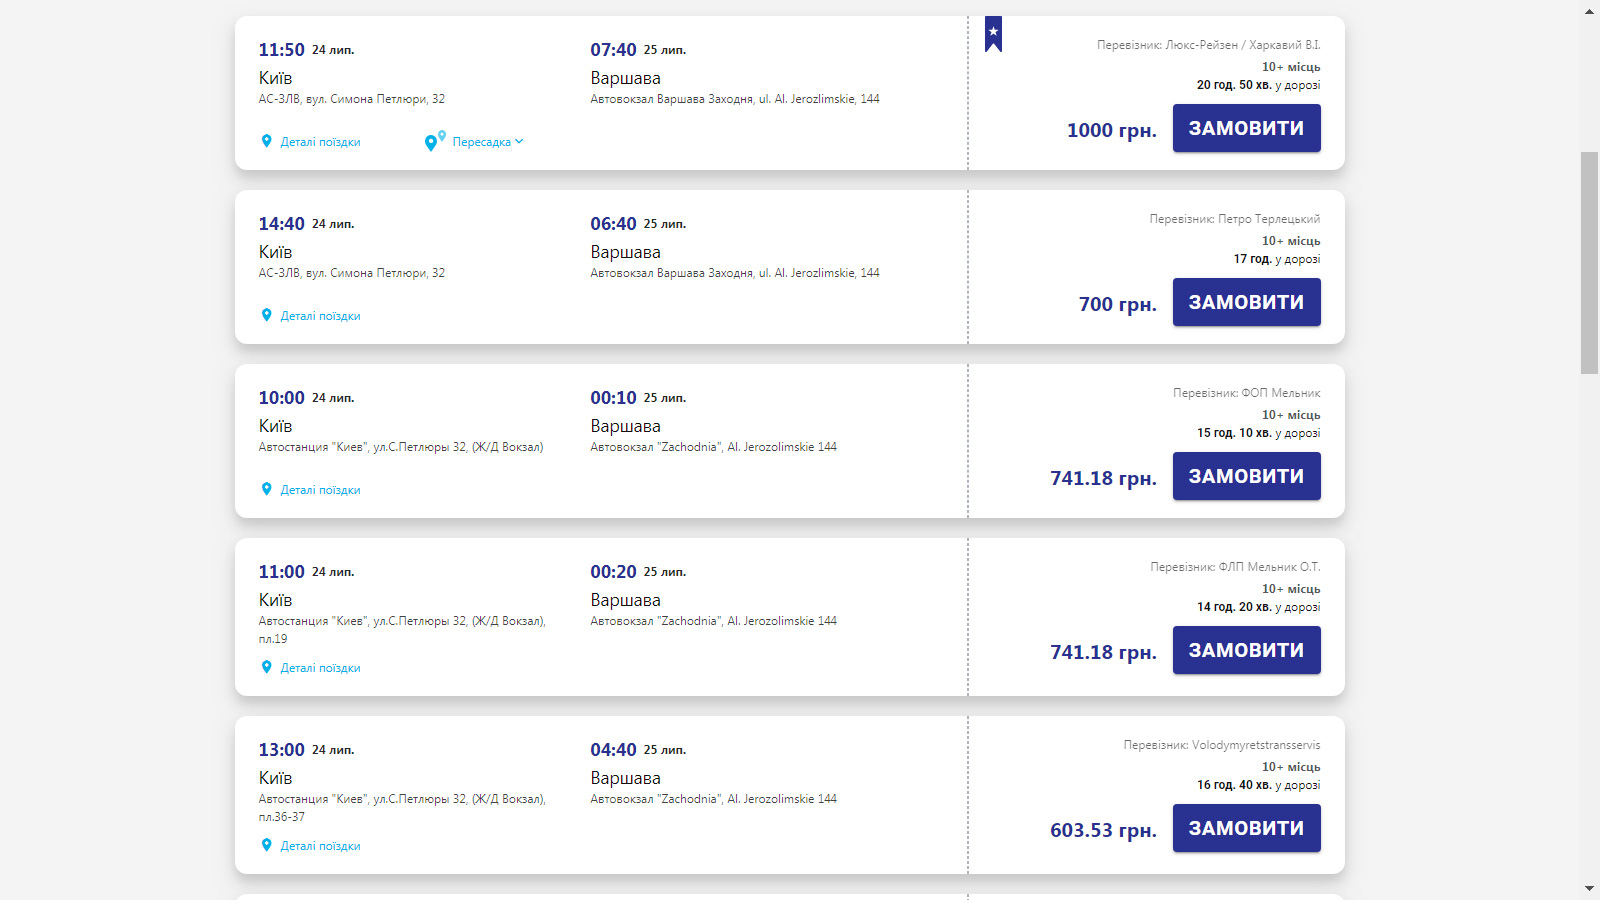 Ціна на автобус з Києва в Варшаву